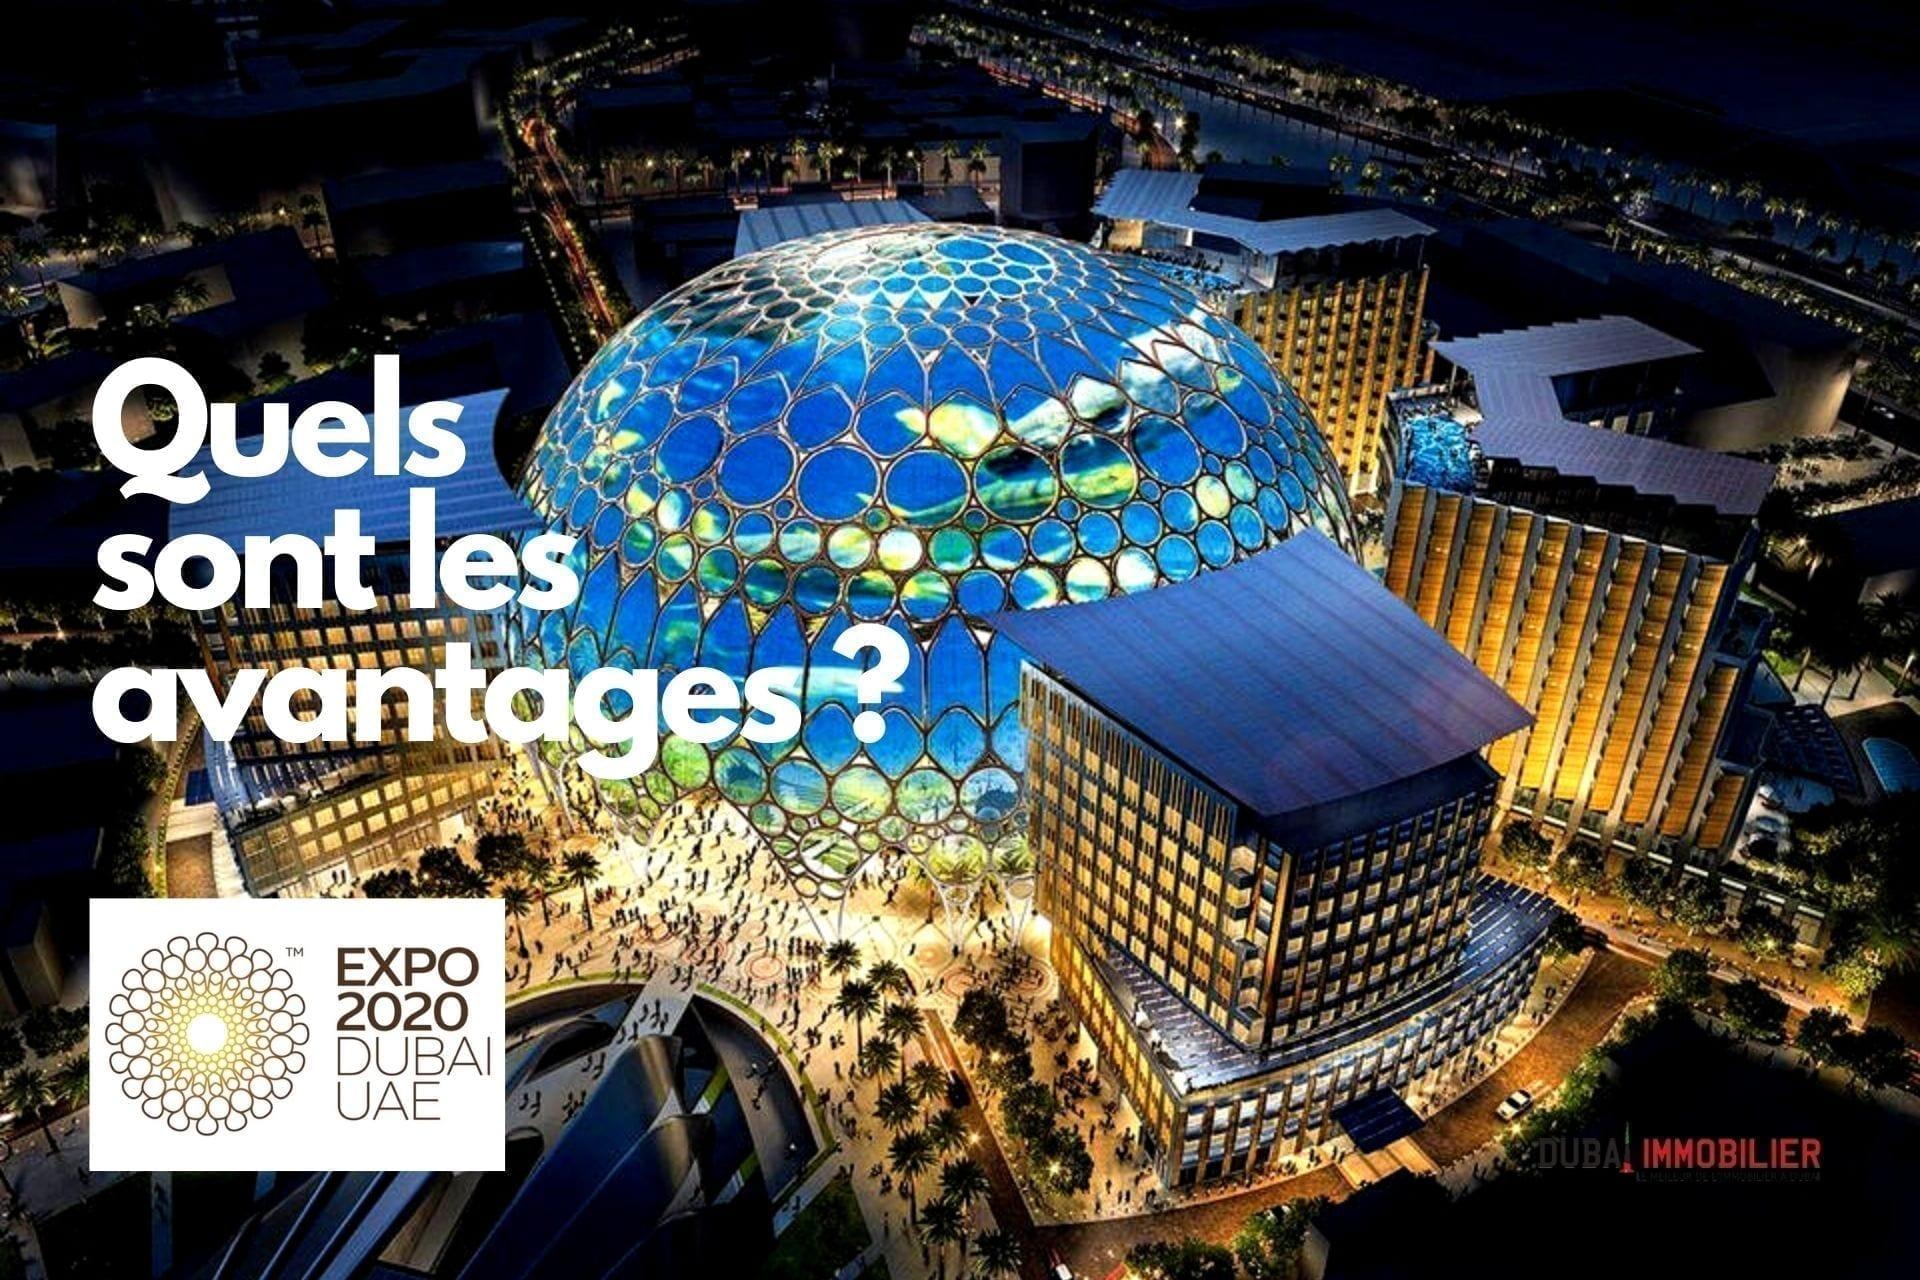 Expo 2020 de Dubaï : un énorme coup de pouce économique